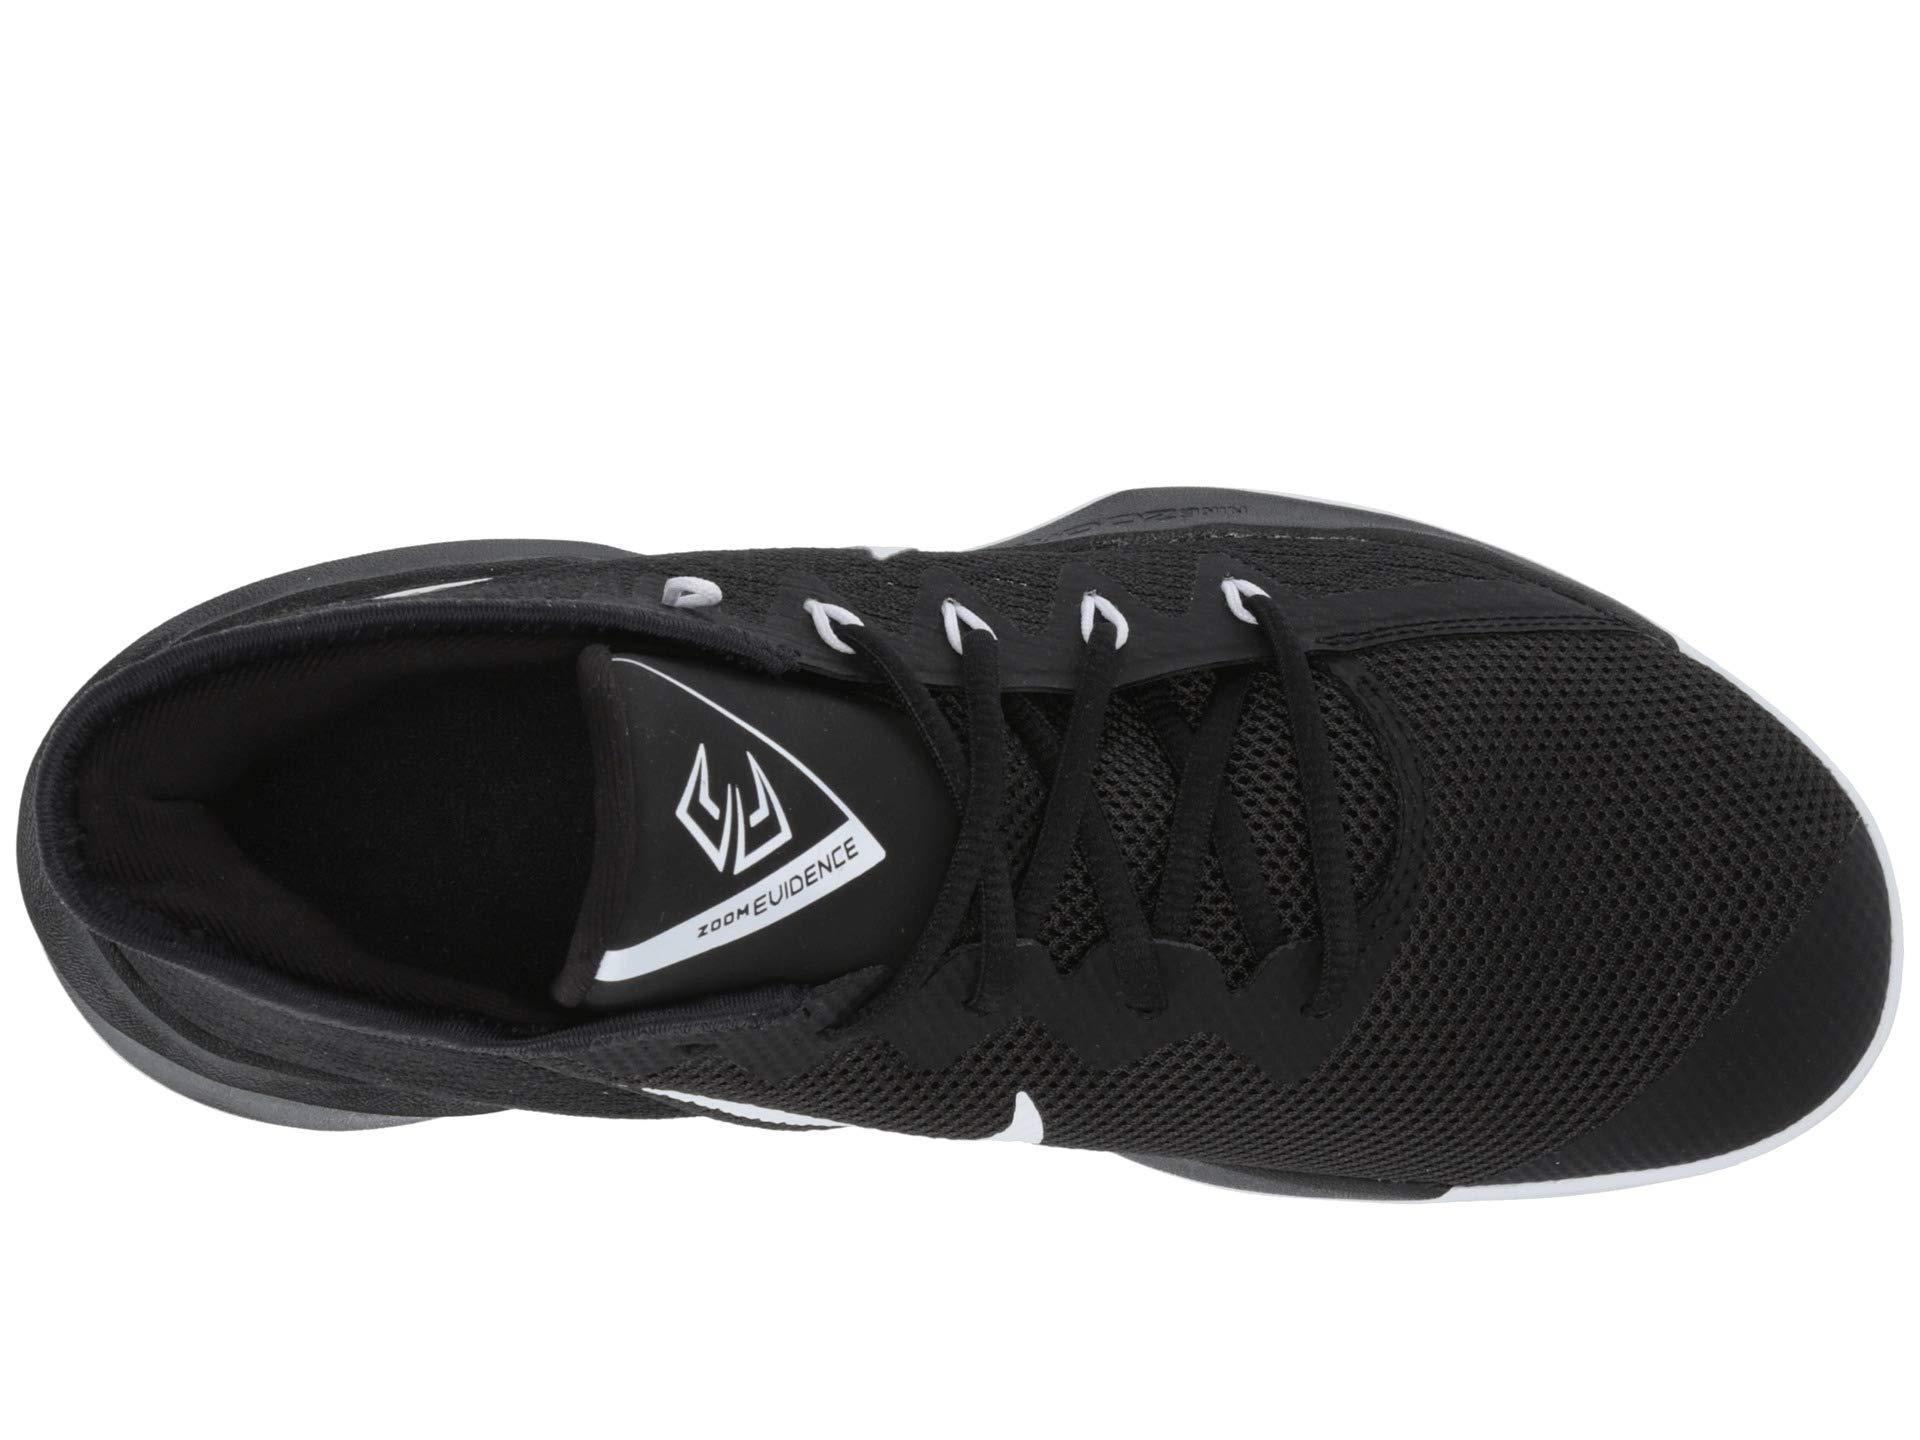 e4b29c931f43 Nike - Black Zoom Evidence Iii for Men - Lyst. View fullscreen